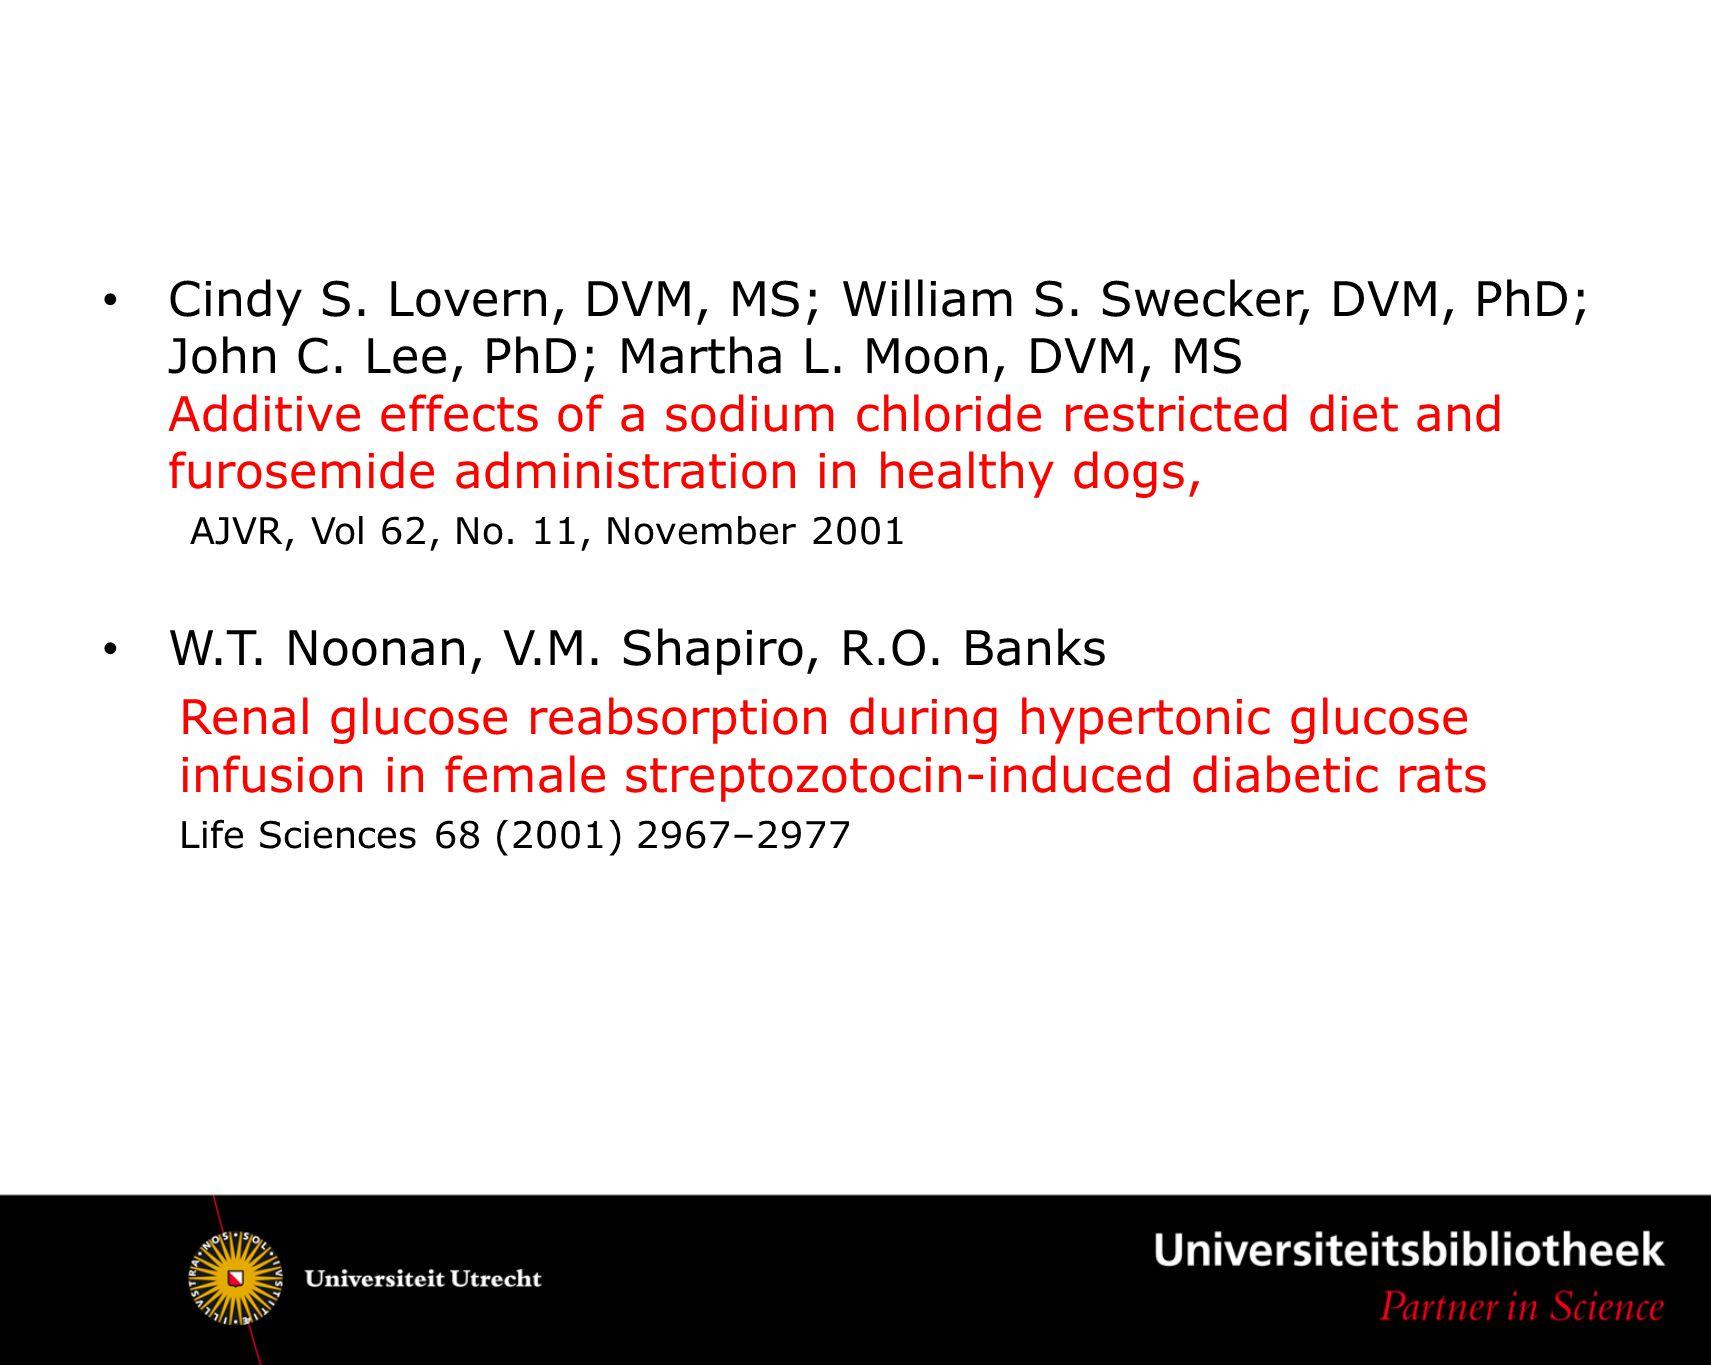 W.T. Noonan, V.M. Shapiro, R.O. Banks